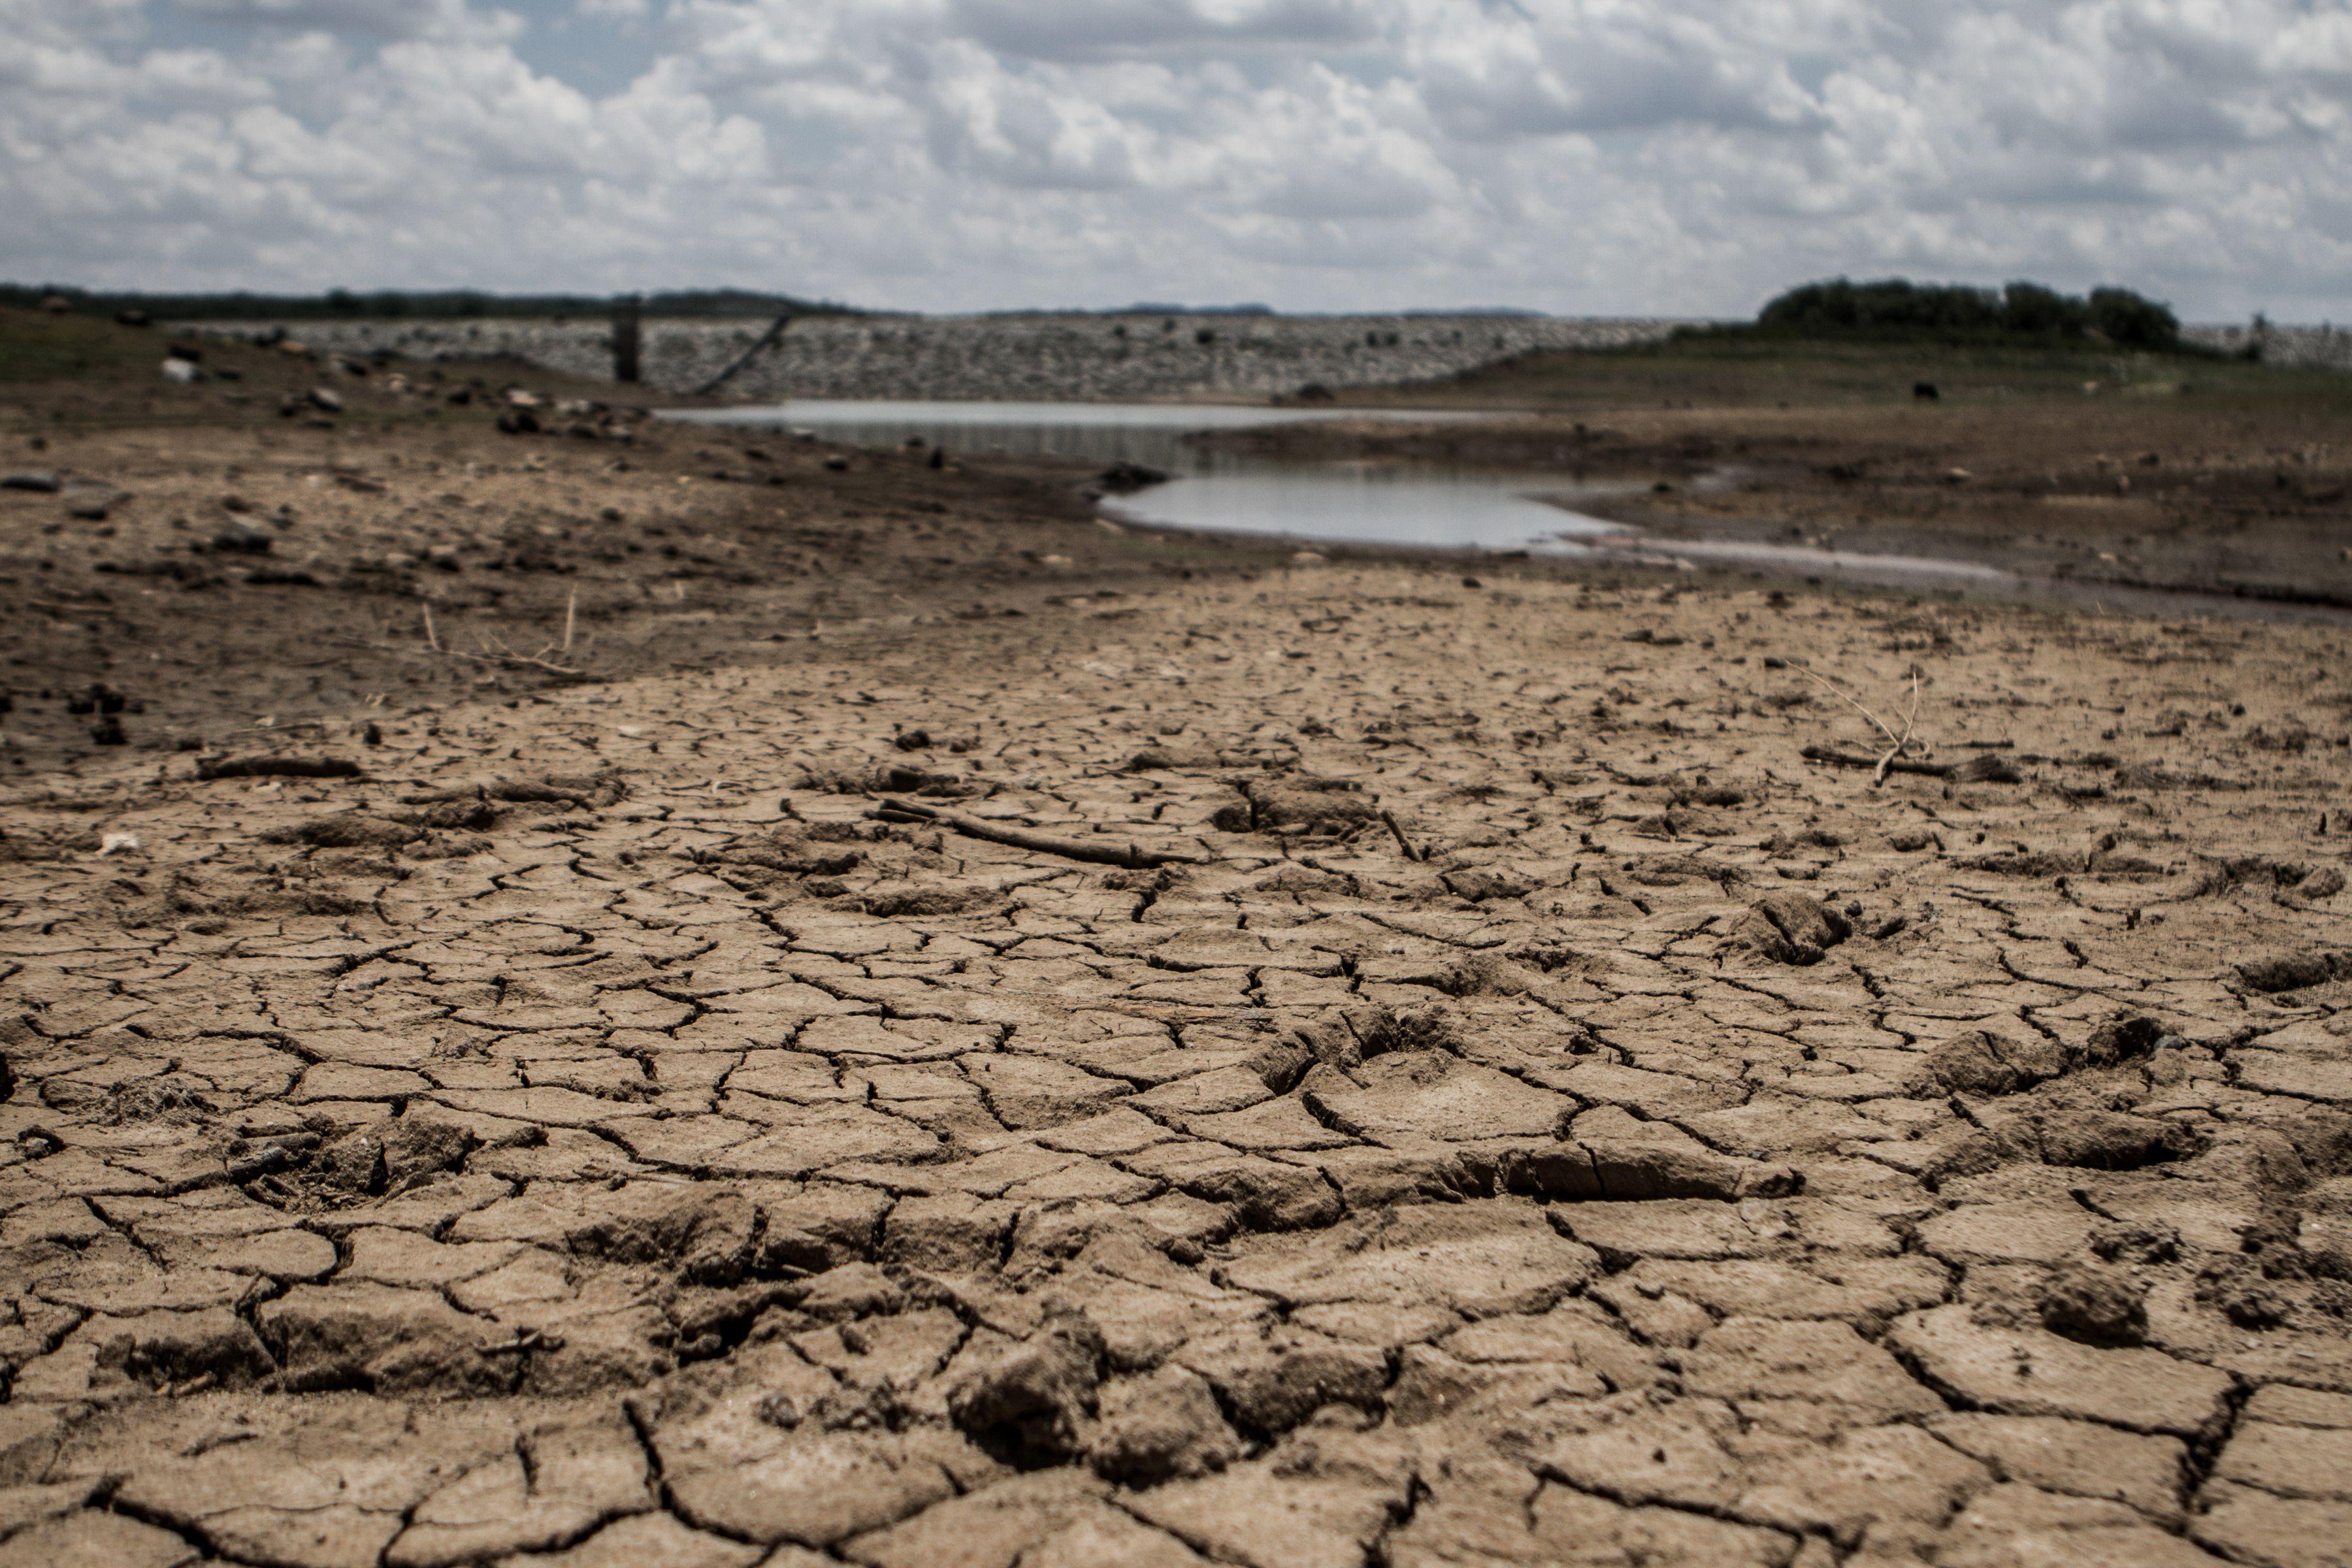 The fast drying catchment area of the Umzingwani dam in Matabeleland,  Southwestern Zimbabwe, Feb. 7, 2016